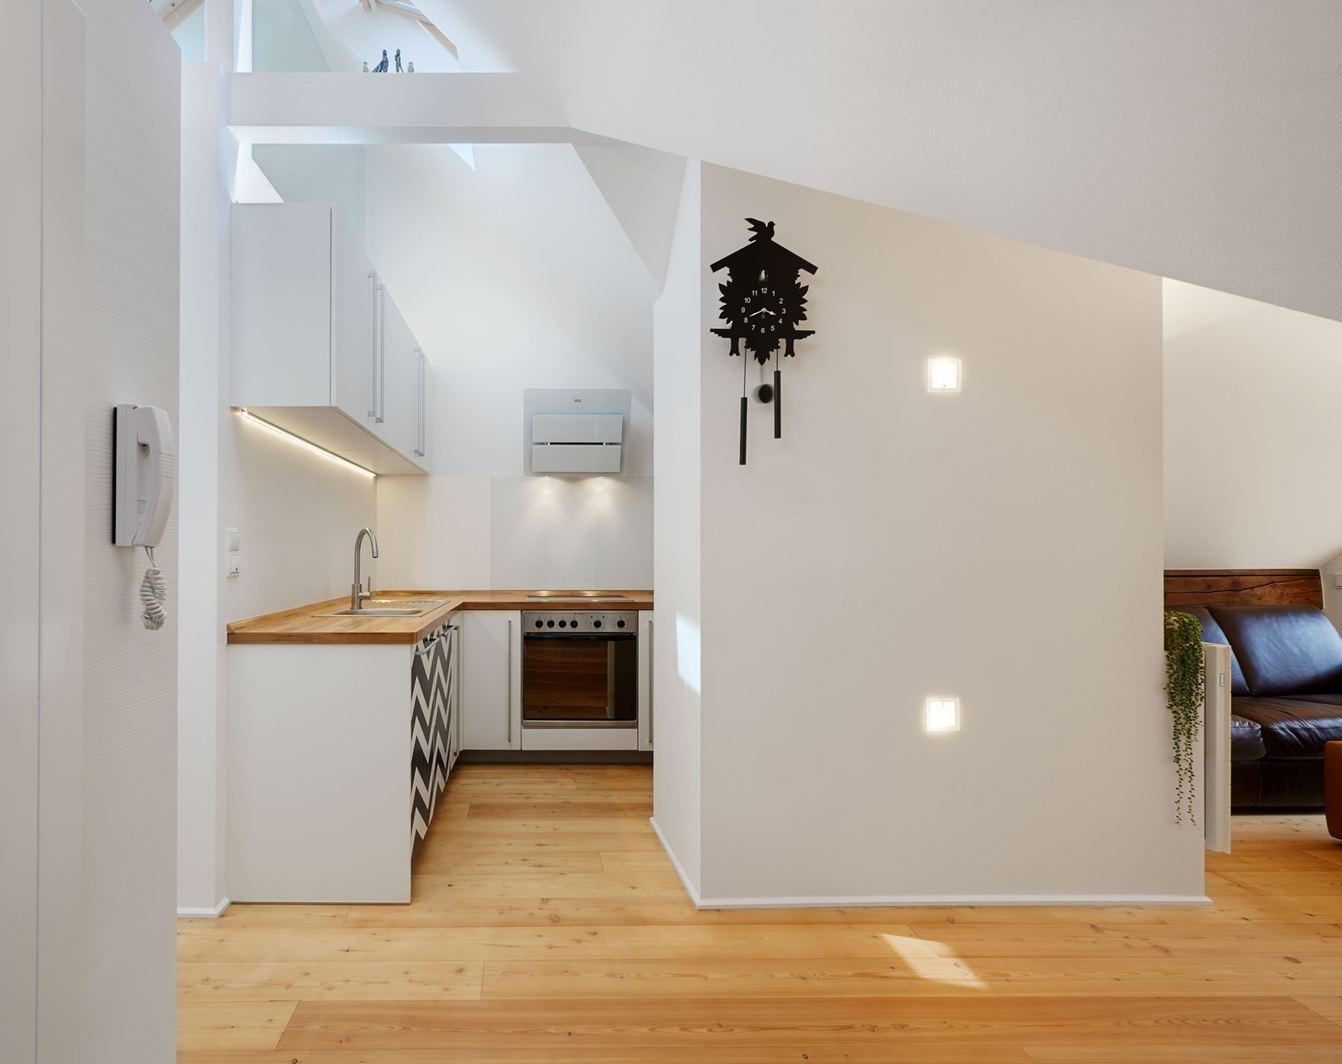 Un Appartamento In Una Mini Mansarda Di 50 Metri Quadri